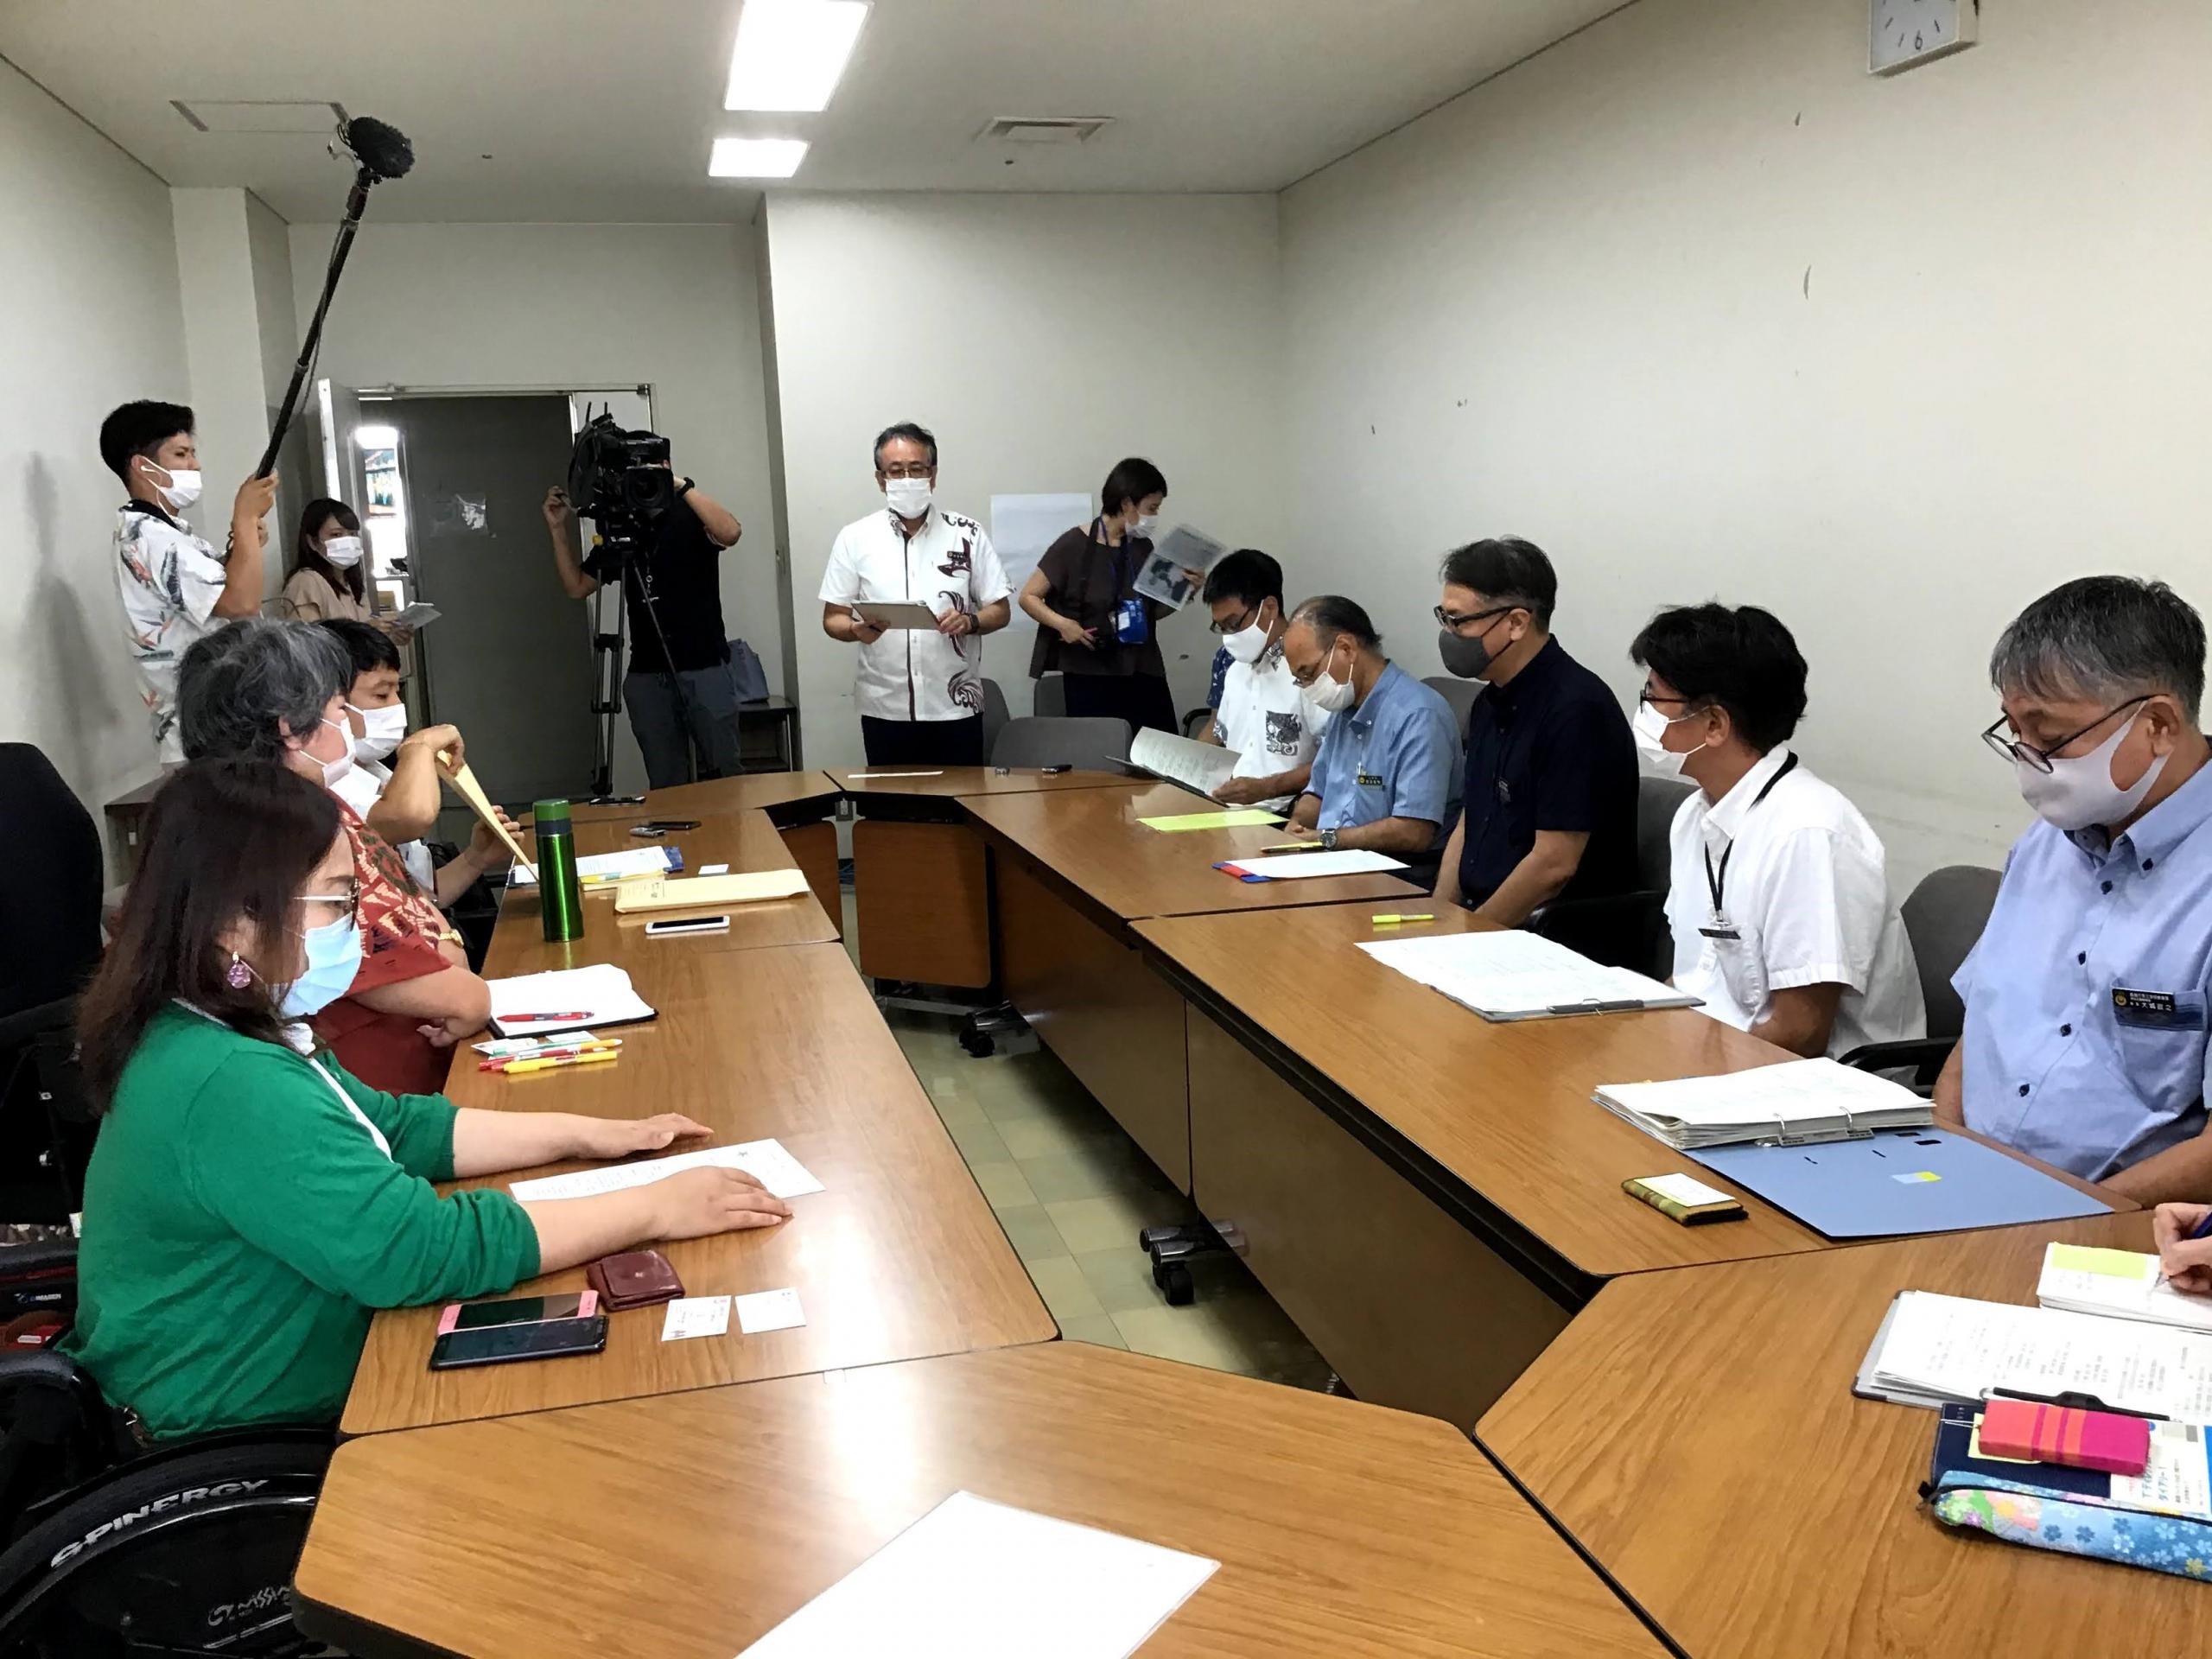 沖縄 県 教育 委員 会 中央教育委員会 (琉球政府) - Wikipedia